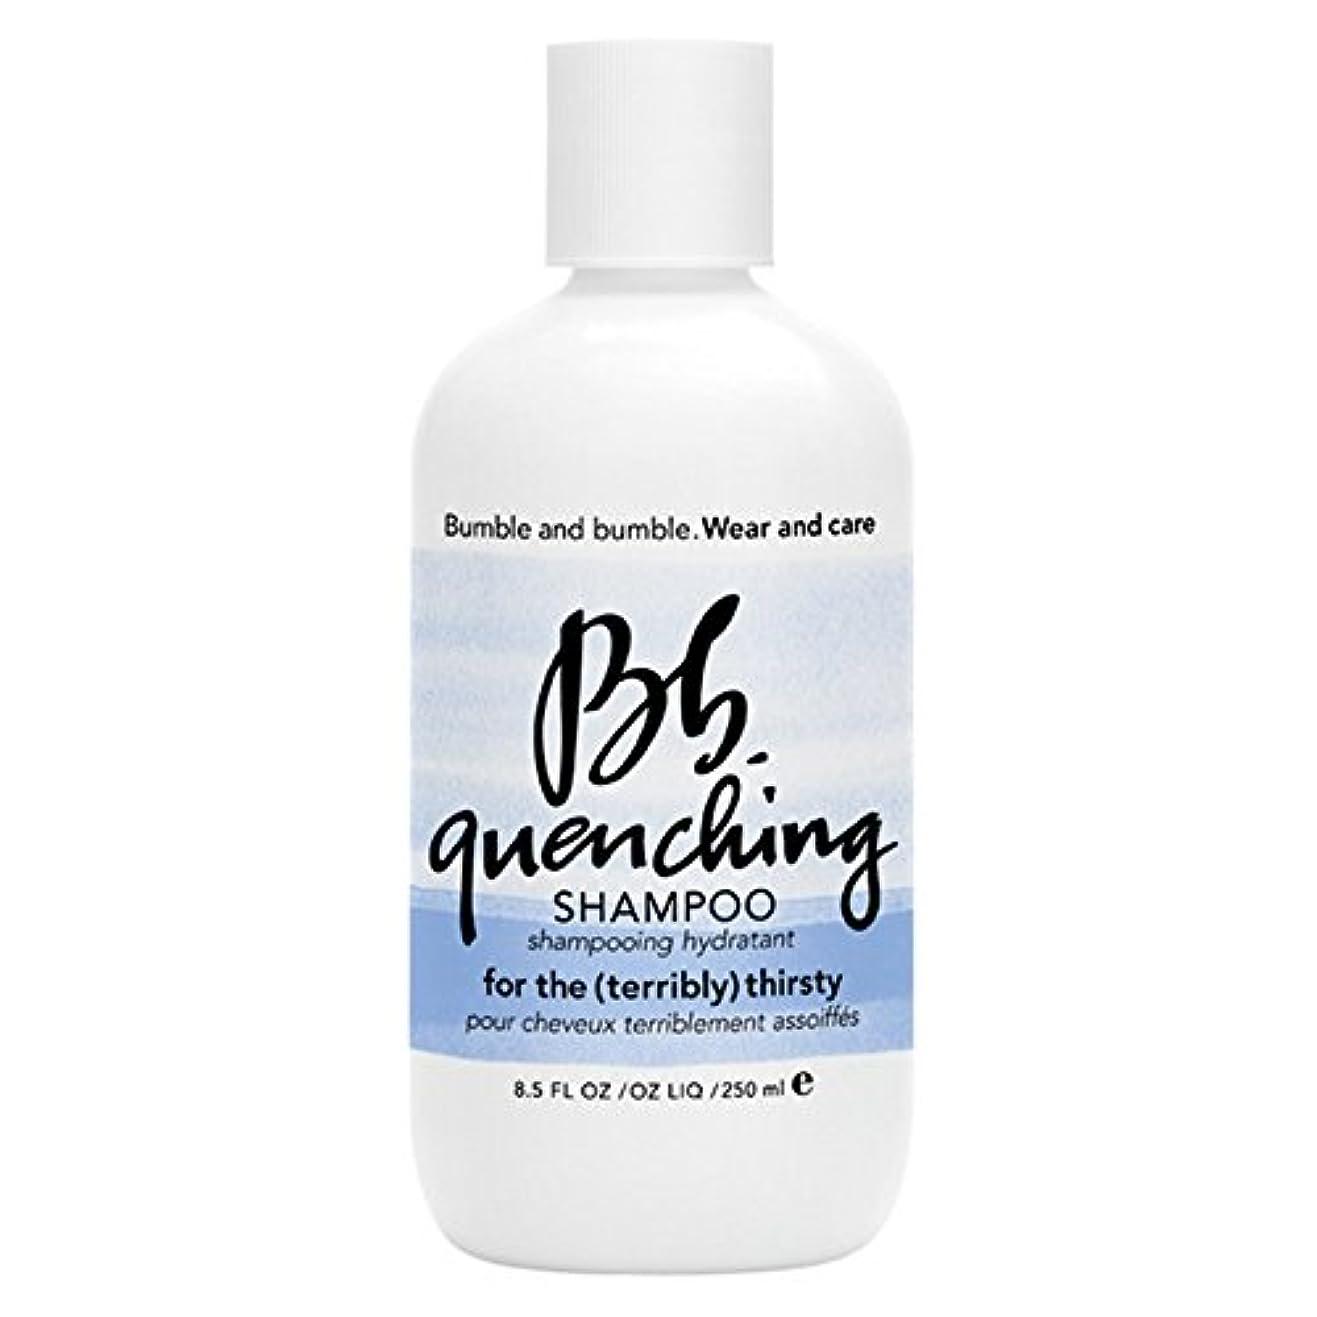 グレード最終結論バンブルアンドバンブル急冷シャンプー250ミリリットル (Bumble and bumble) (x6) - Bumble and bumble Quenching Shampoo 250ml (Pack of 6) [並行輸入品]